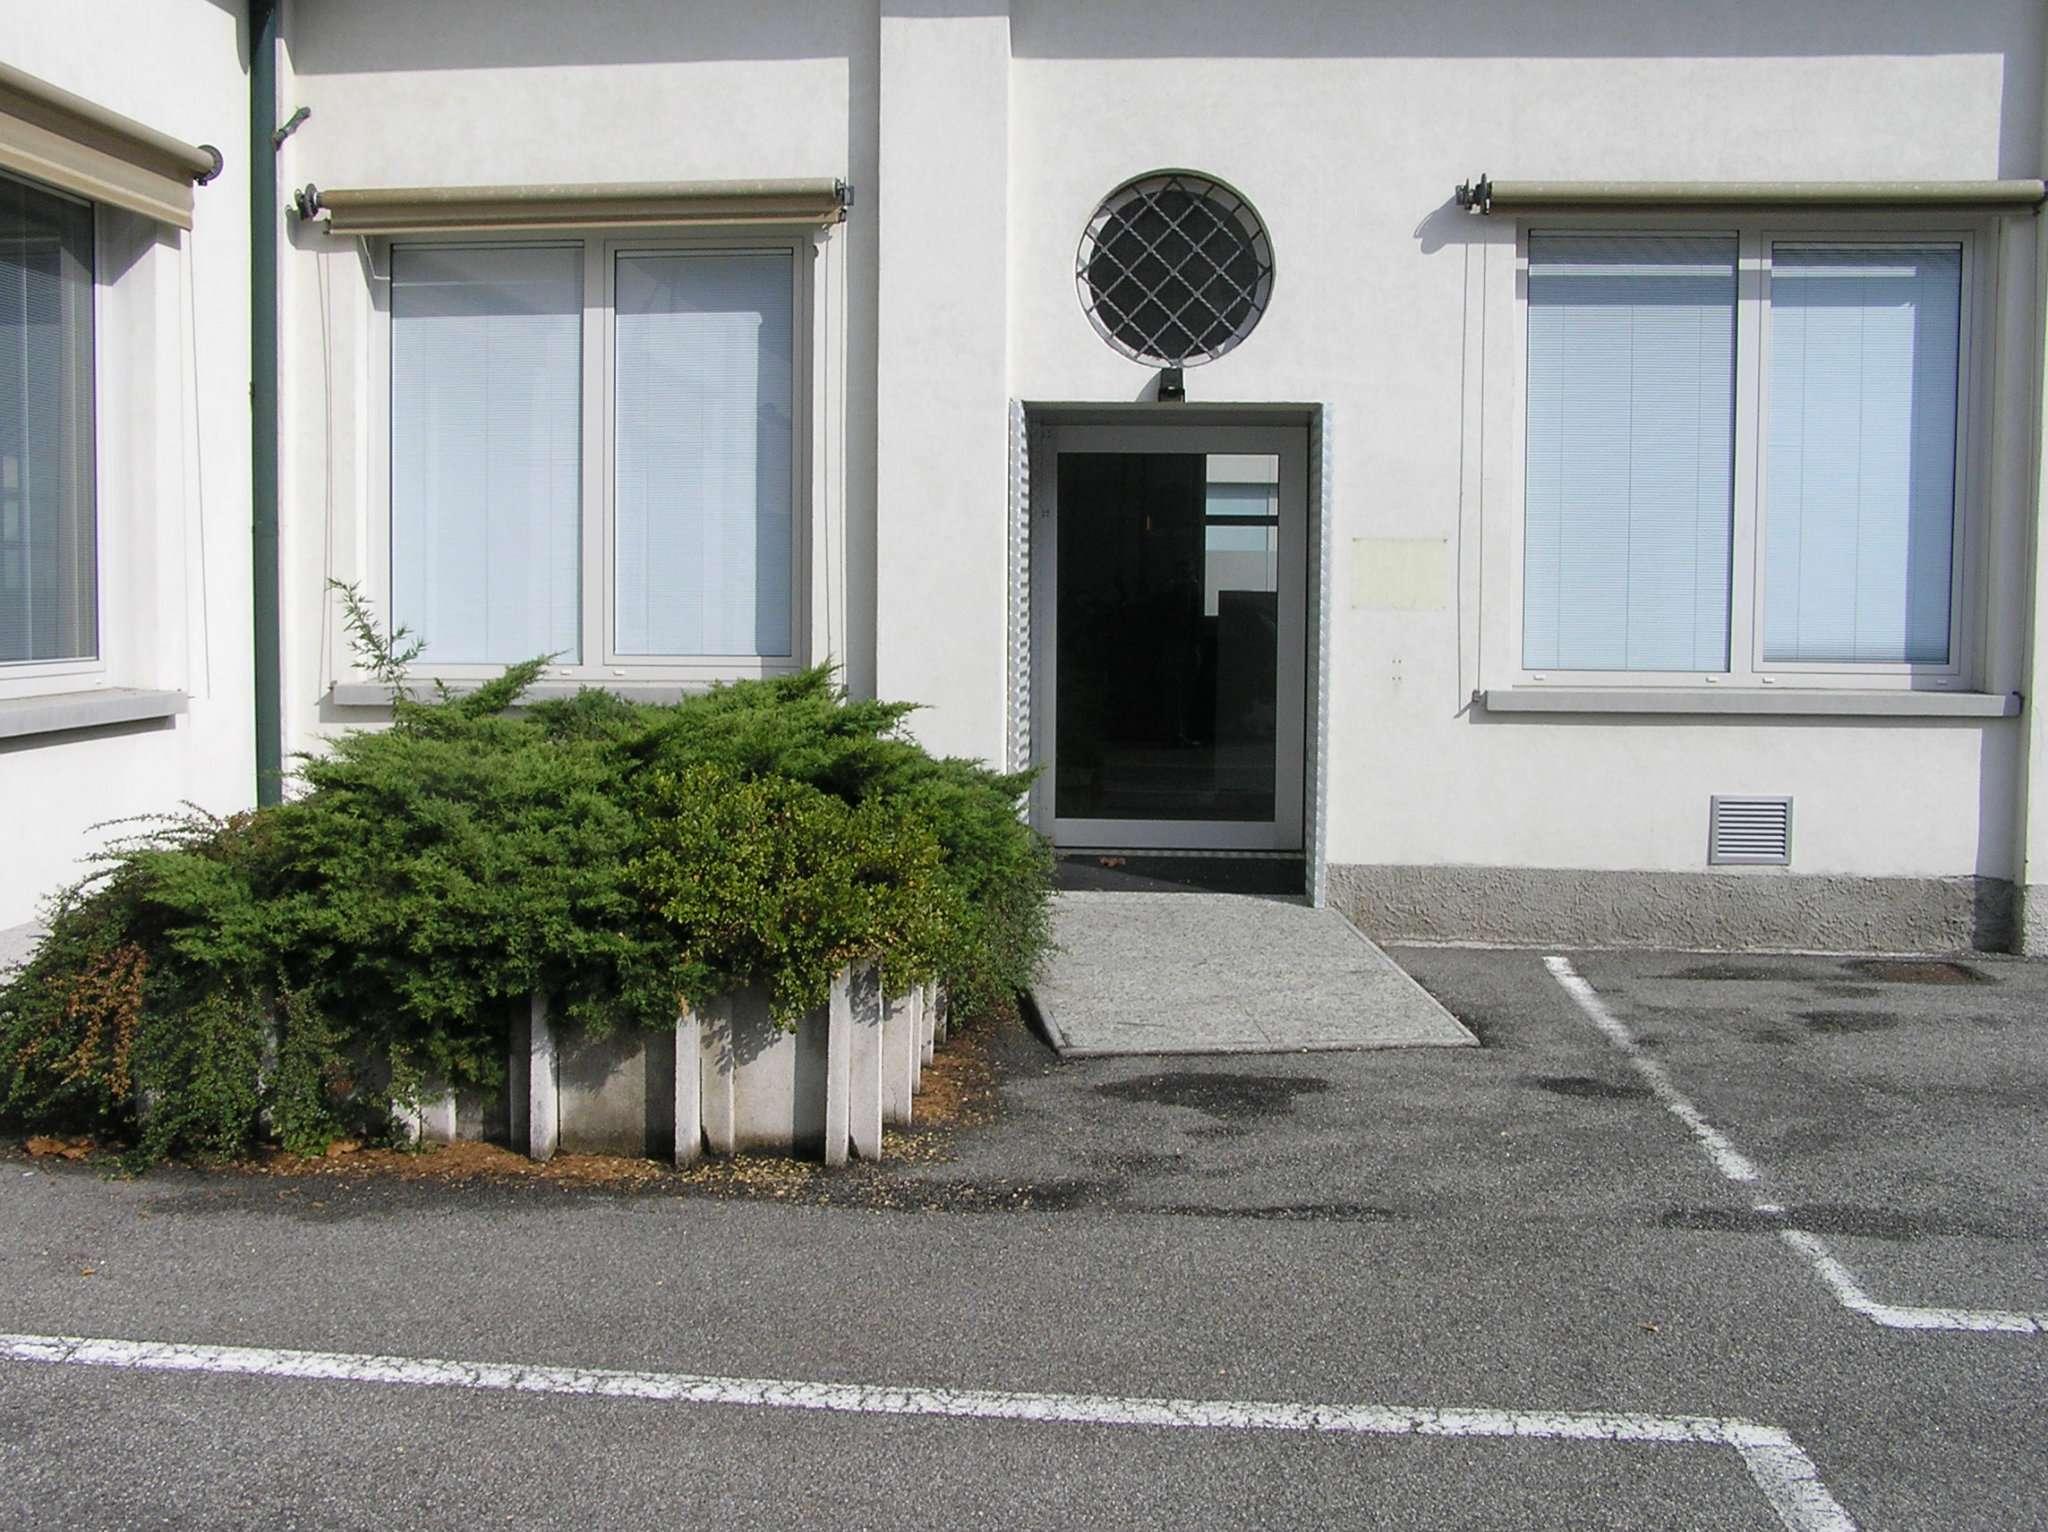 Immobile Commerciale in vendita a Fino Mornasco, 20 locali, prezzo € 1.700.000 | CambioCasa.it